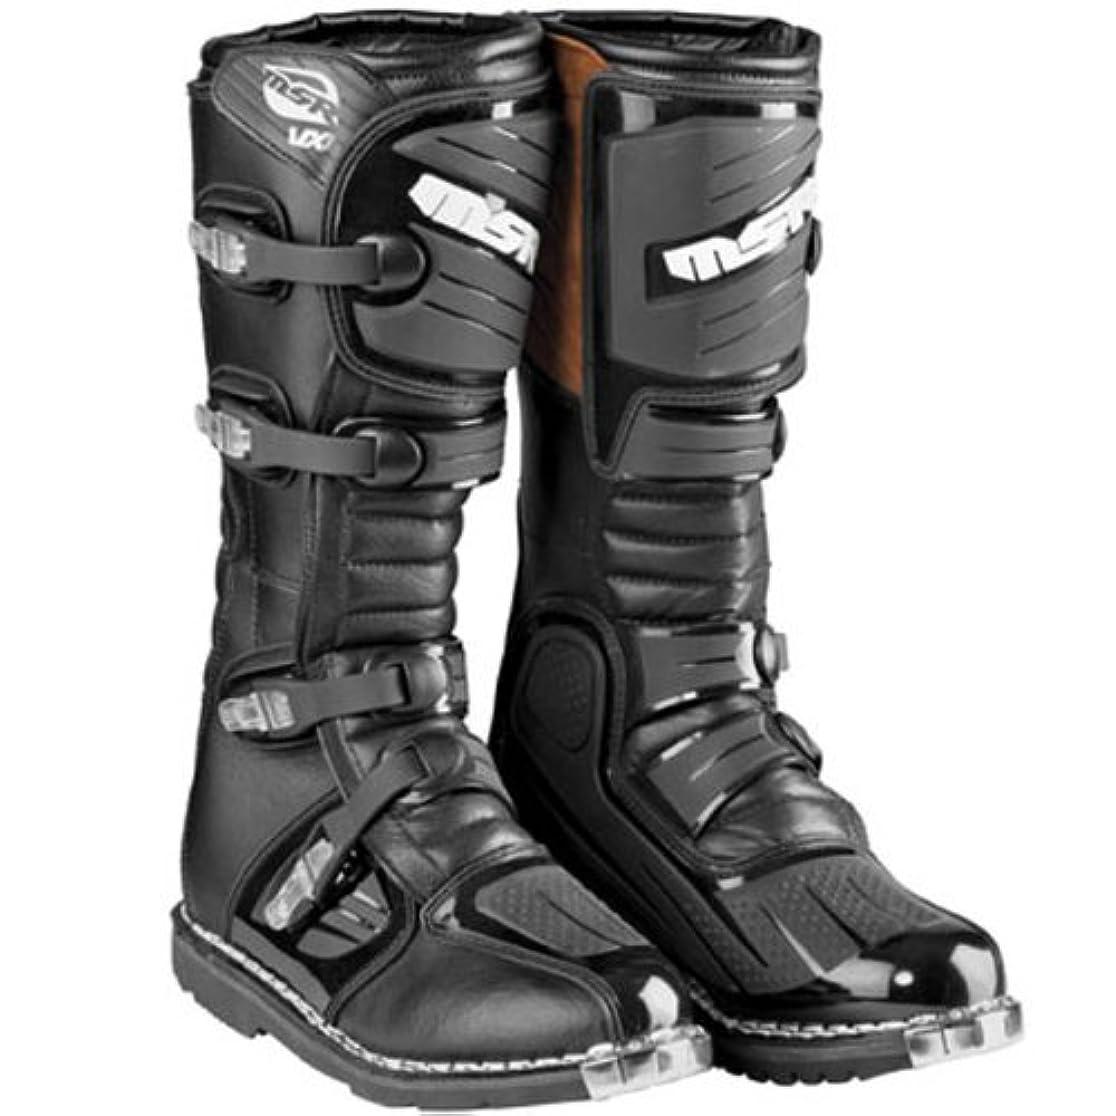 落ち込んでいる論文インフラMSR エムエスアール VX-1 Boots 2014モデル オフロード ブーツ ブラック 11(28cm)